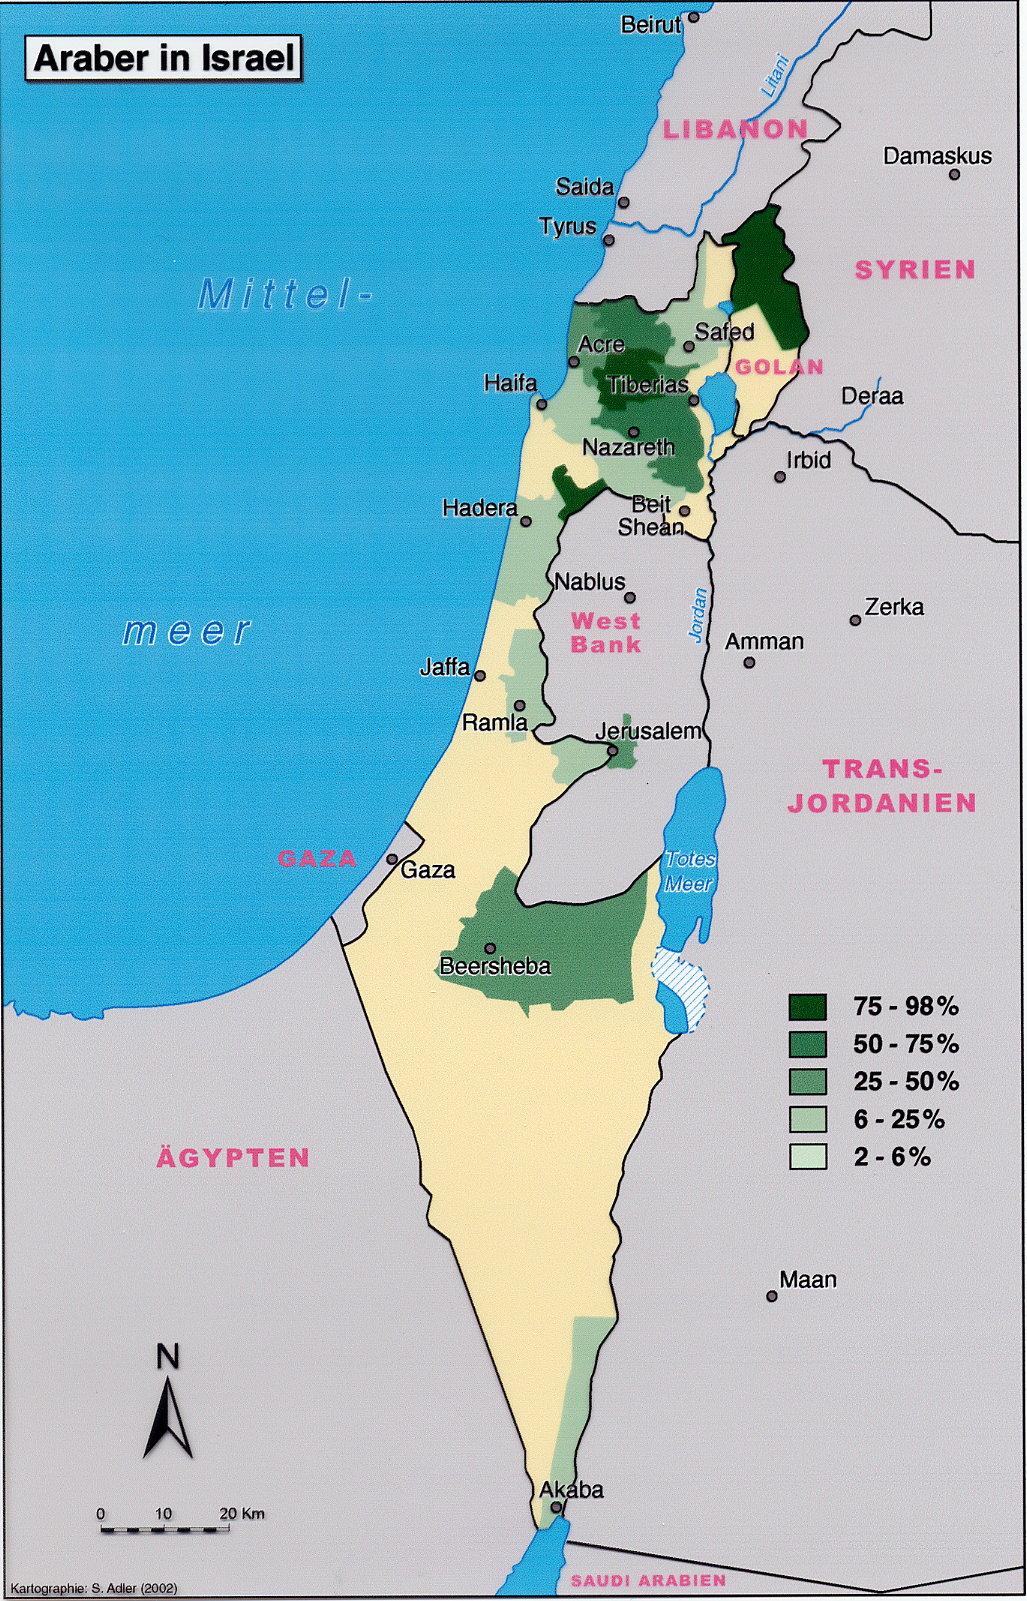 Araber In Israel